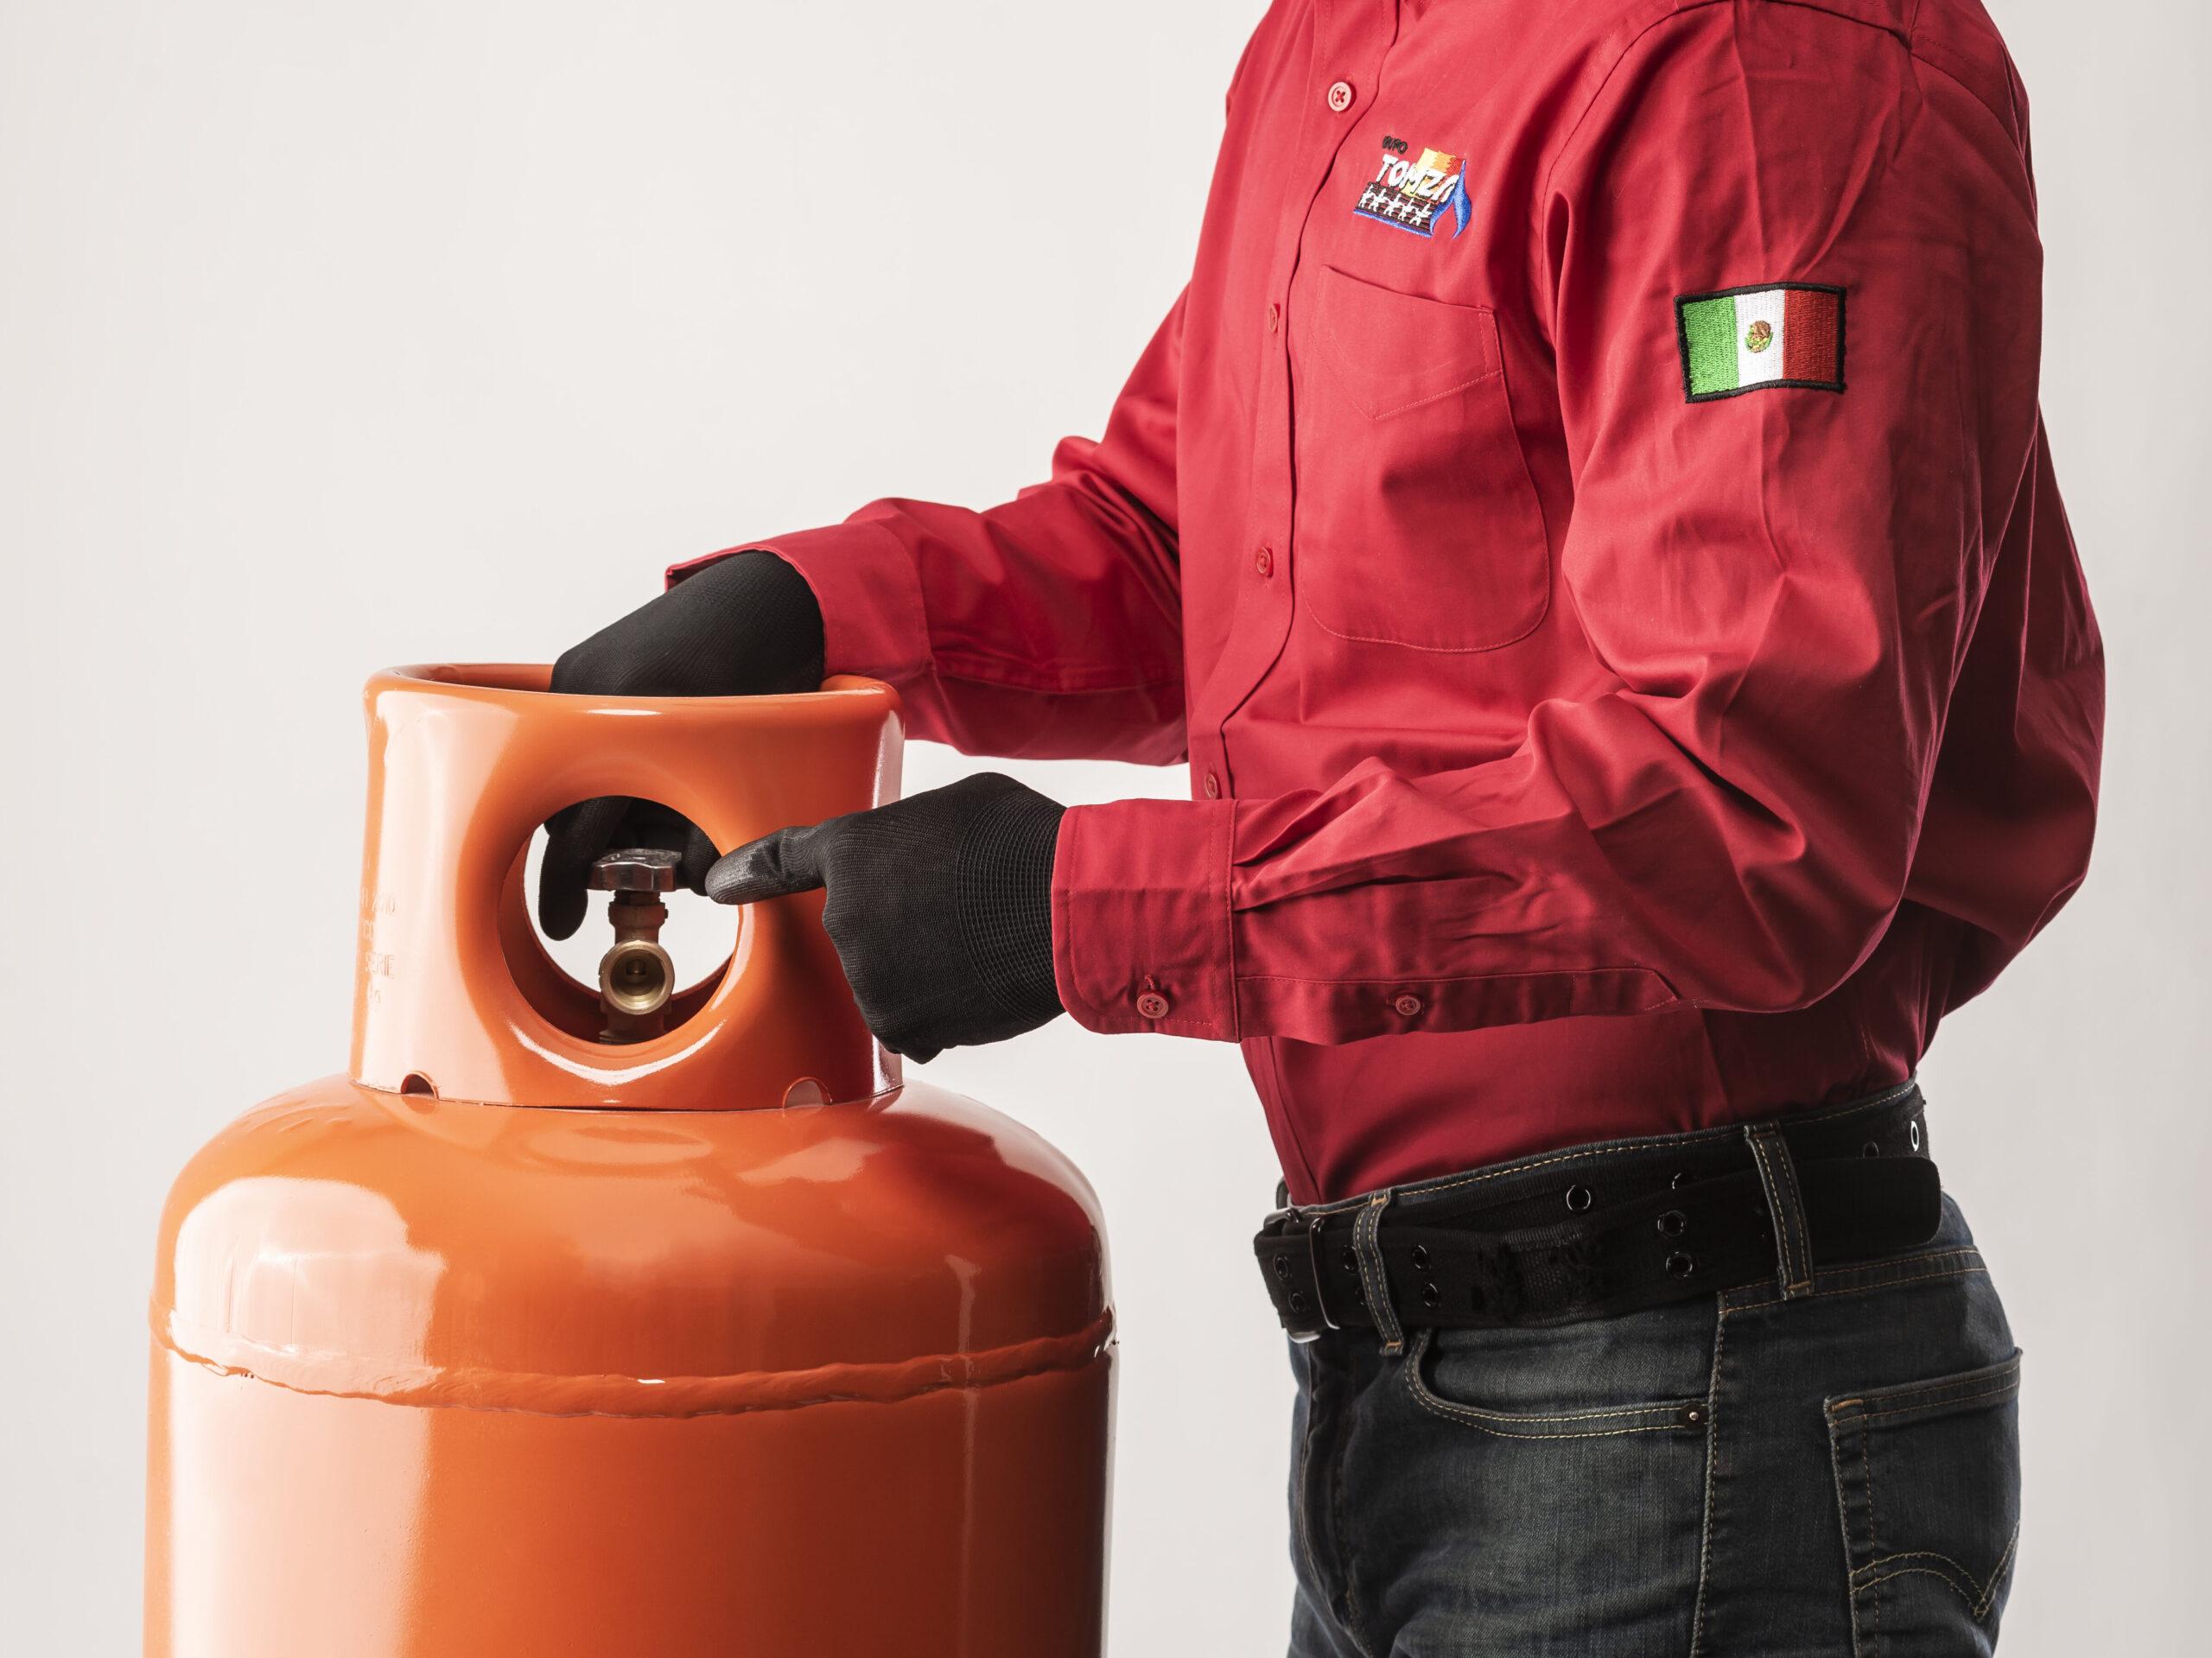 ¿Cómo instalar un cilindro de Gas LP?